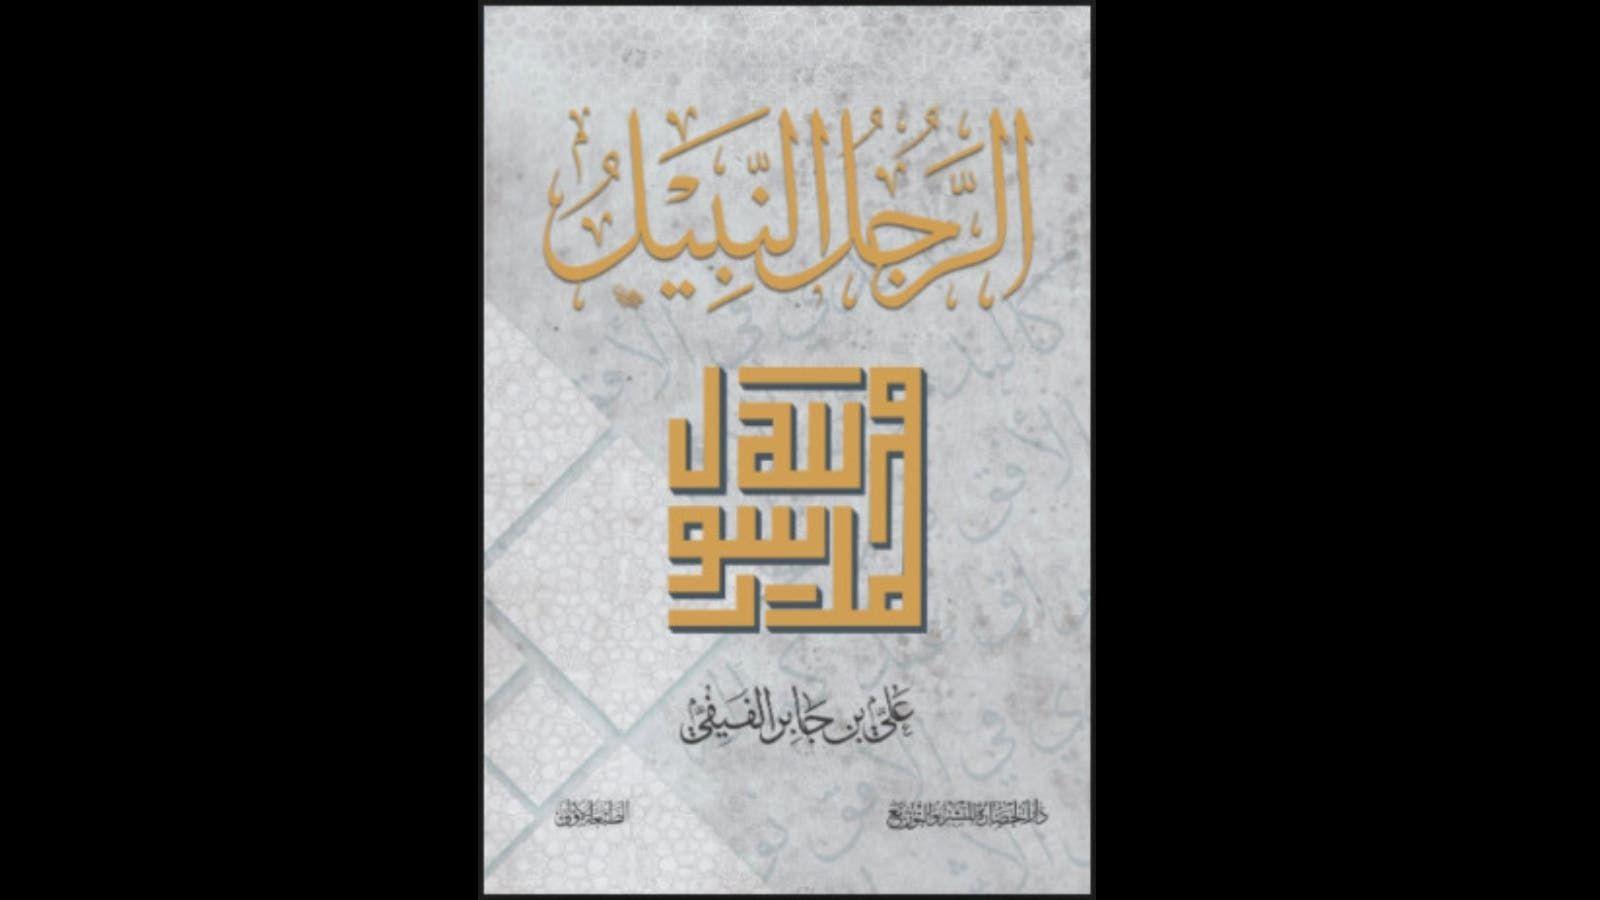 السيرة النبوية الرجل النبيل للكاتب علي بن جابر الفيفي Book Cover Books